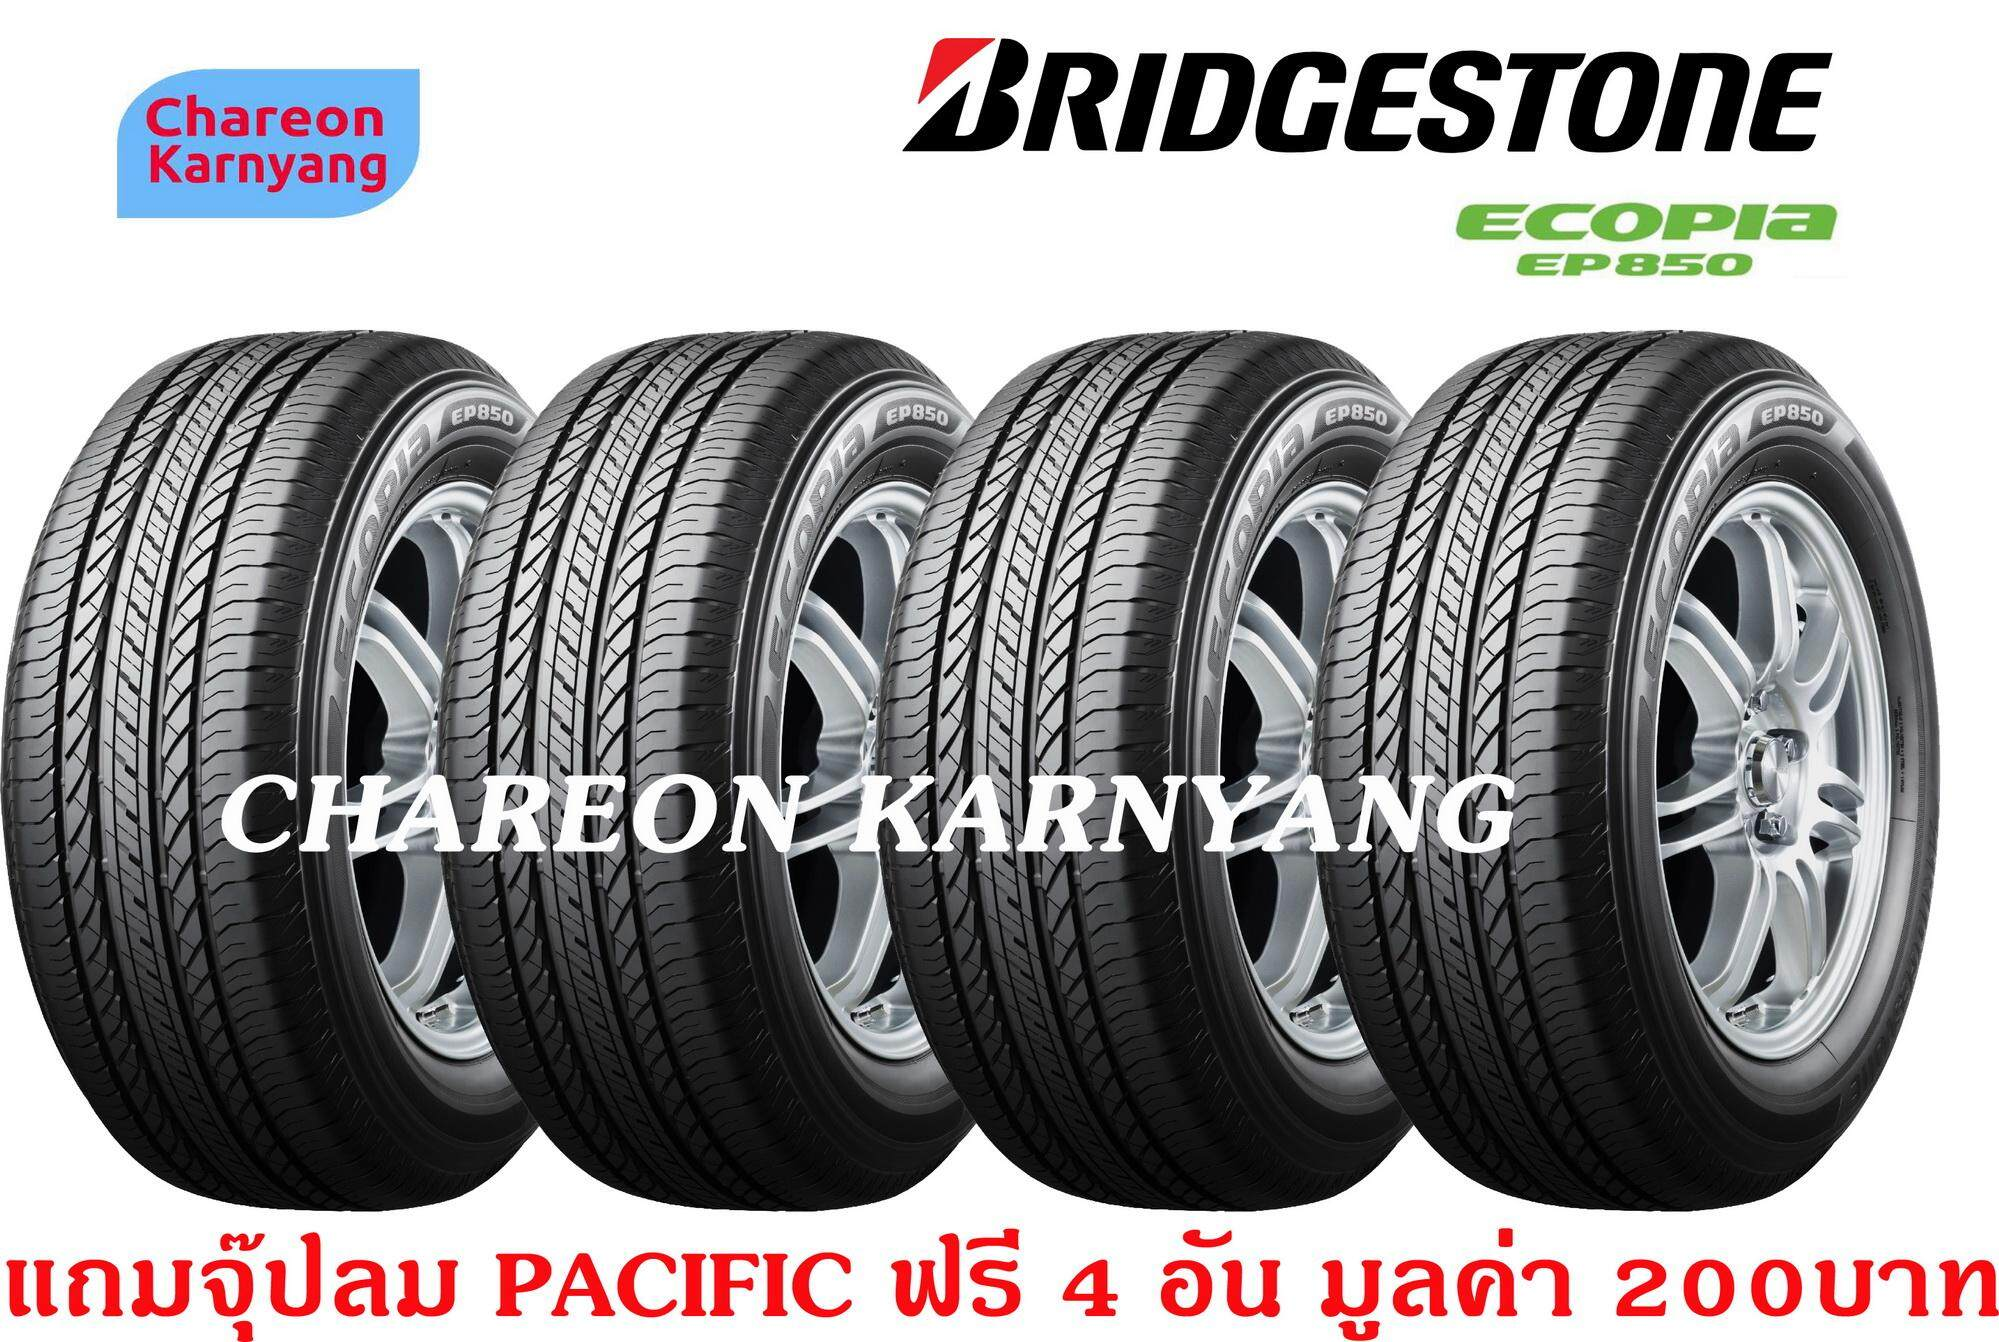 ประกันภัย รถยนต์ ชั้น 3 ราคา ถูก สตูล Bridgestone Ecopia EP850 ปี 2018 (4 เส้น)